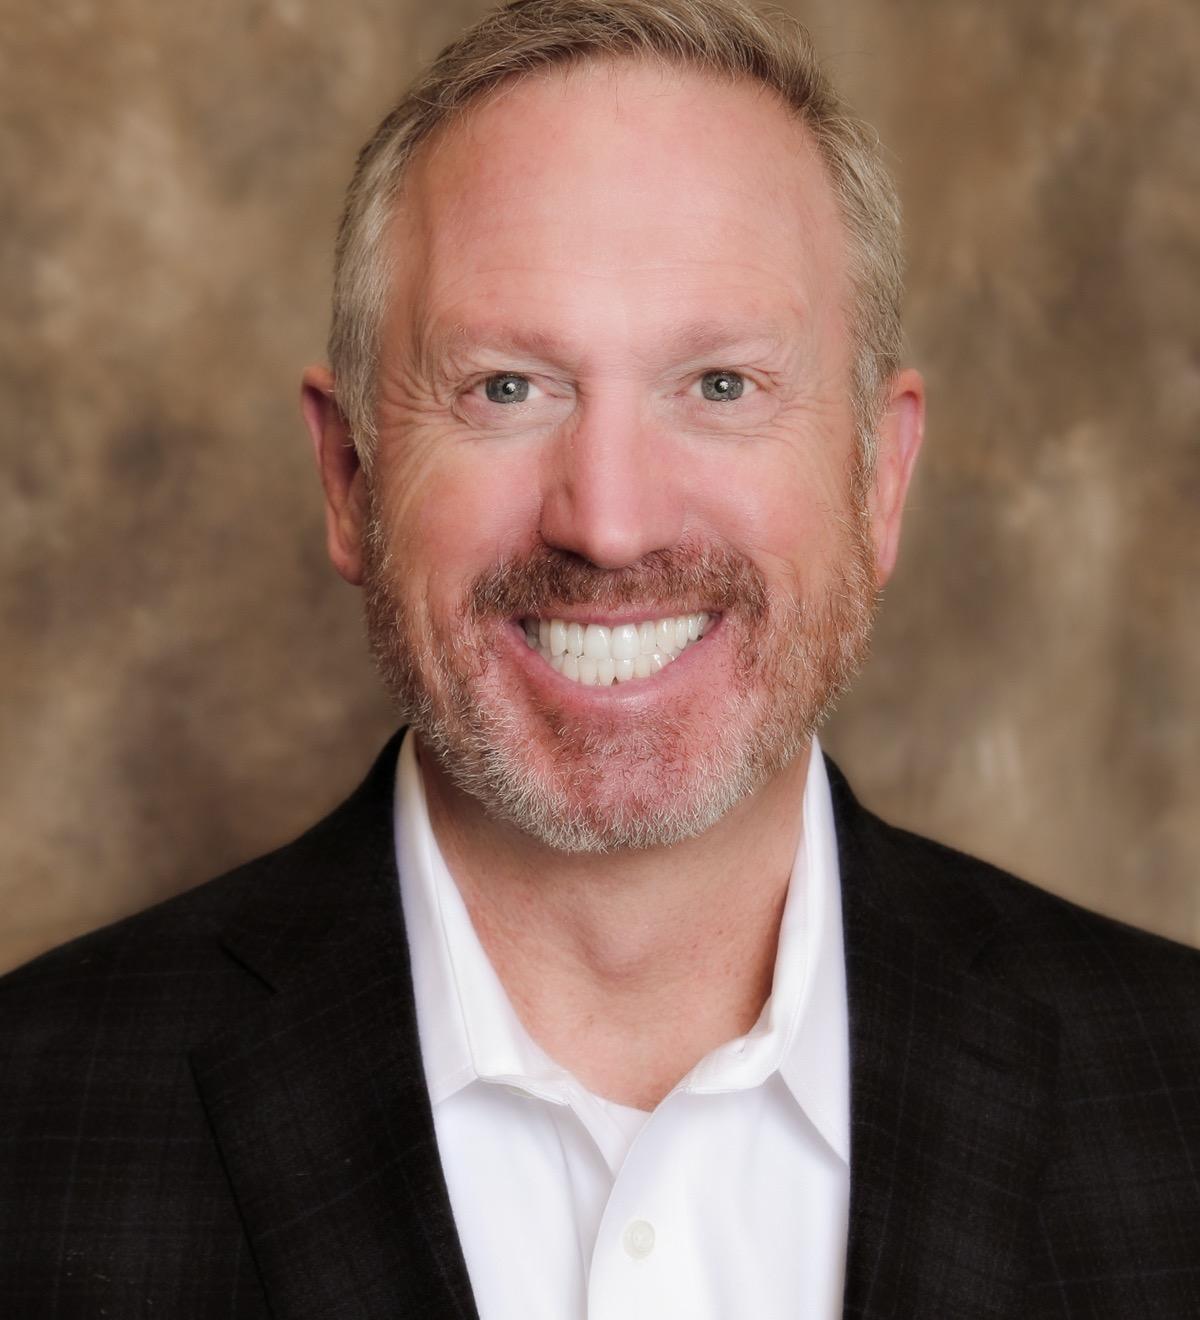 Eric D. Beal